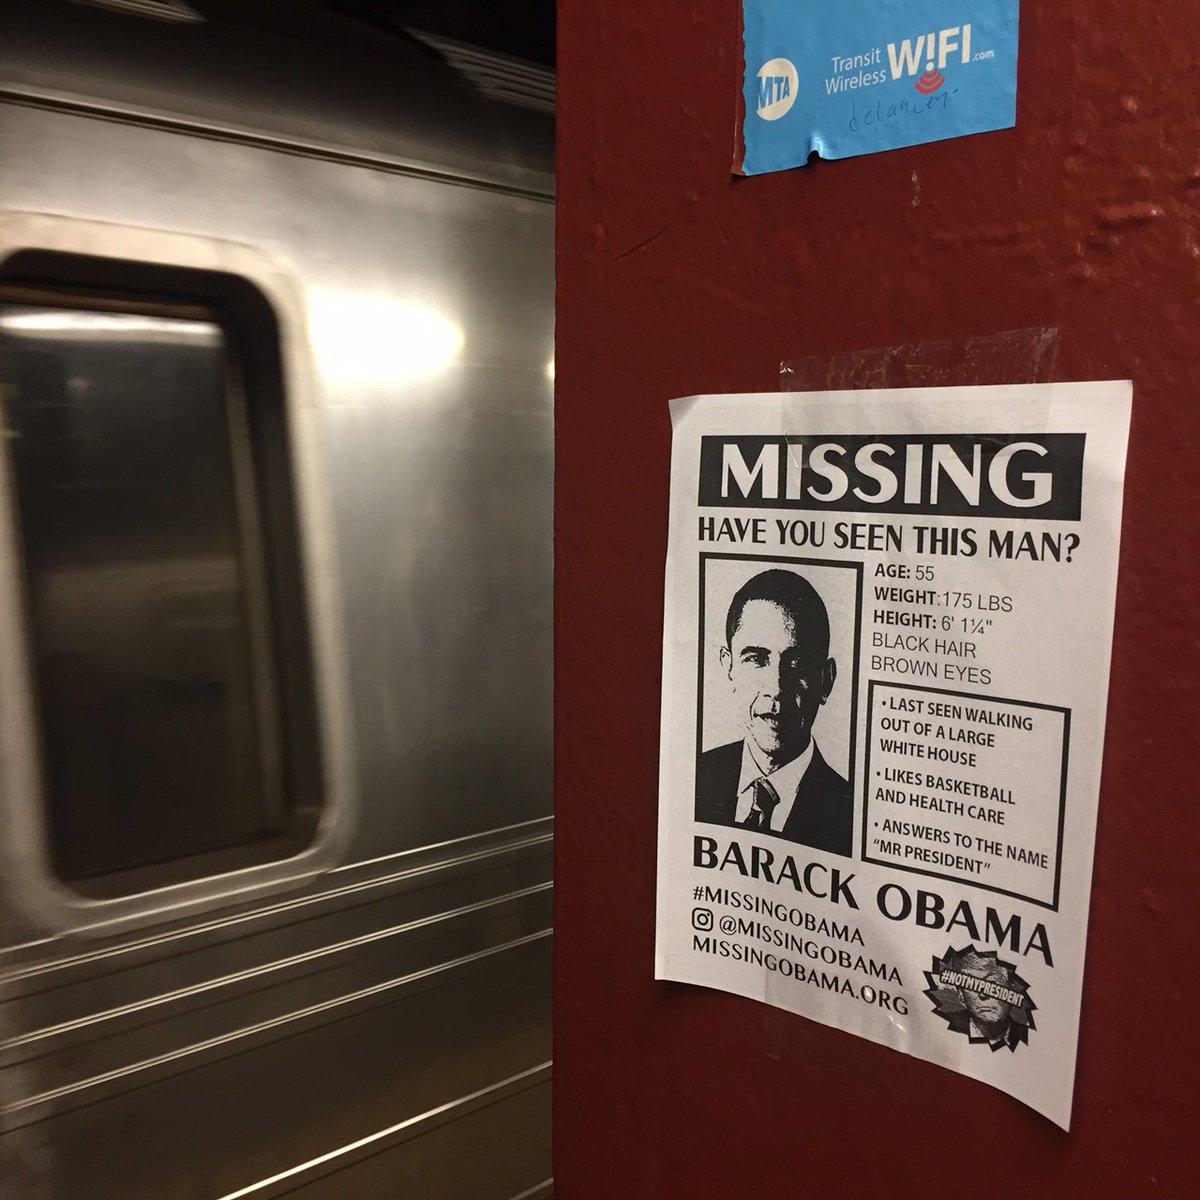 ニューヨークの地下鉄の駅には「この男を見ませんでしたか?」と冗談ぽく、オバマ大統領を惜しむメッセージ…